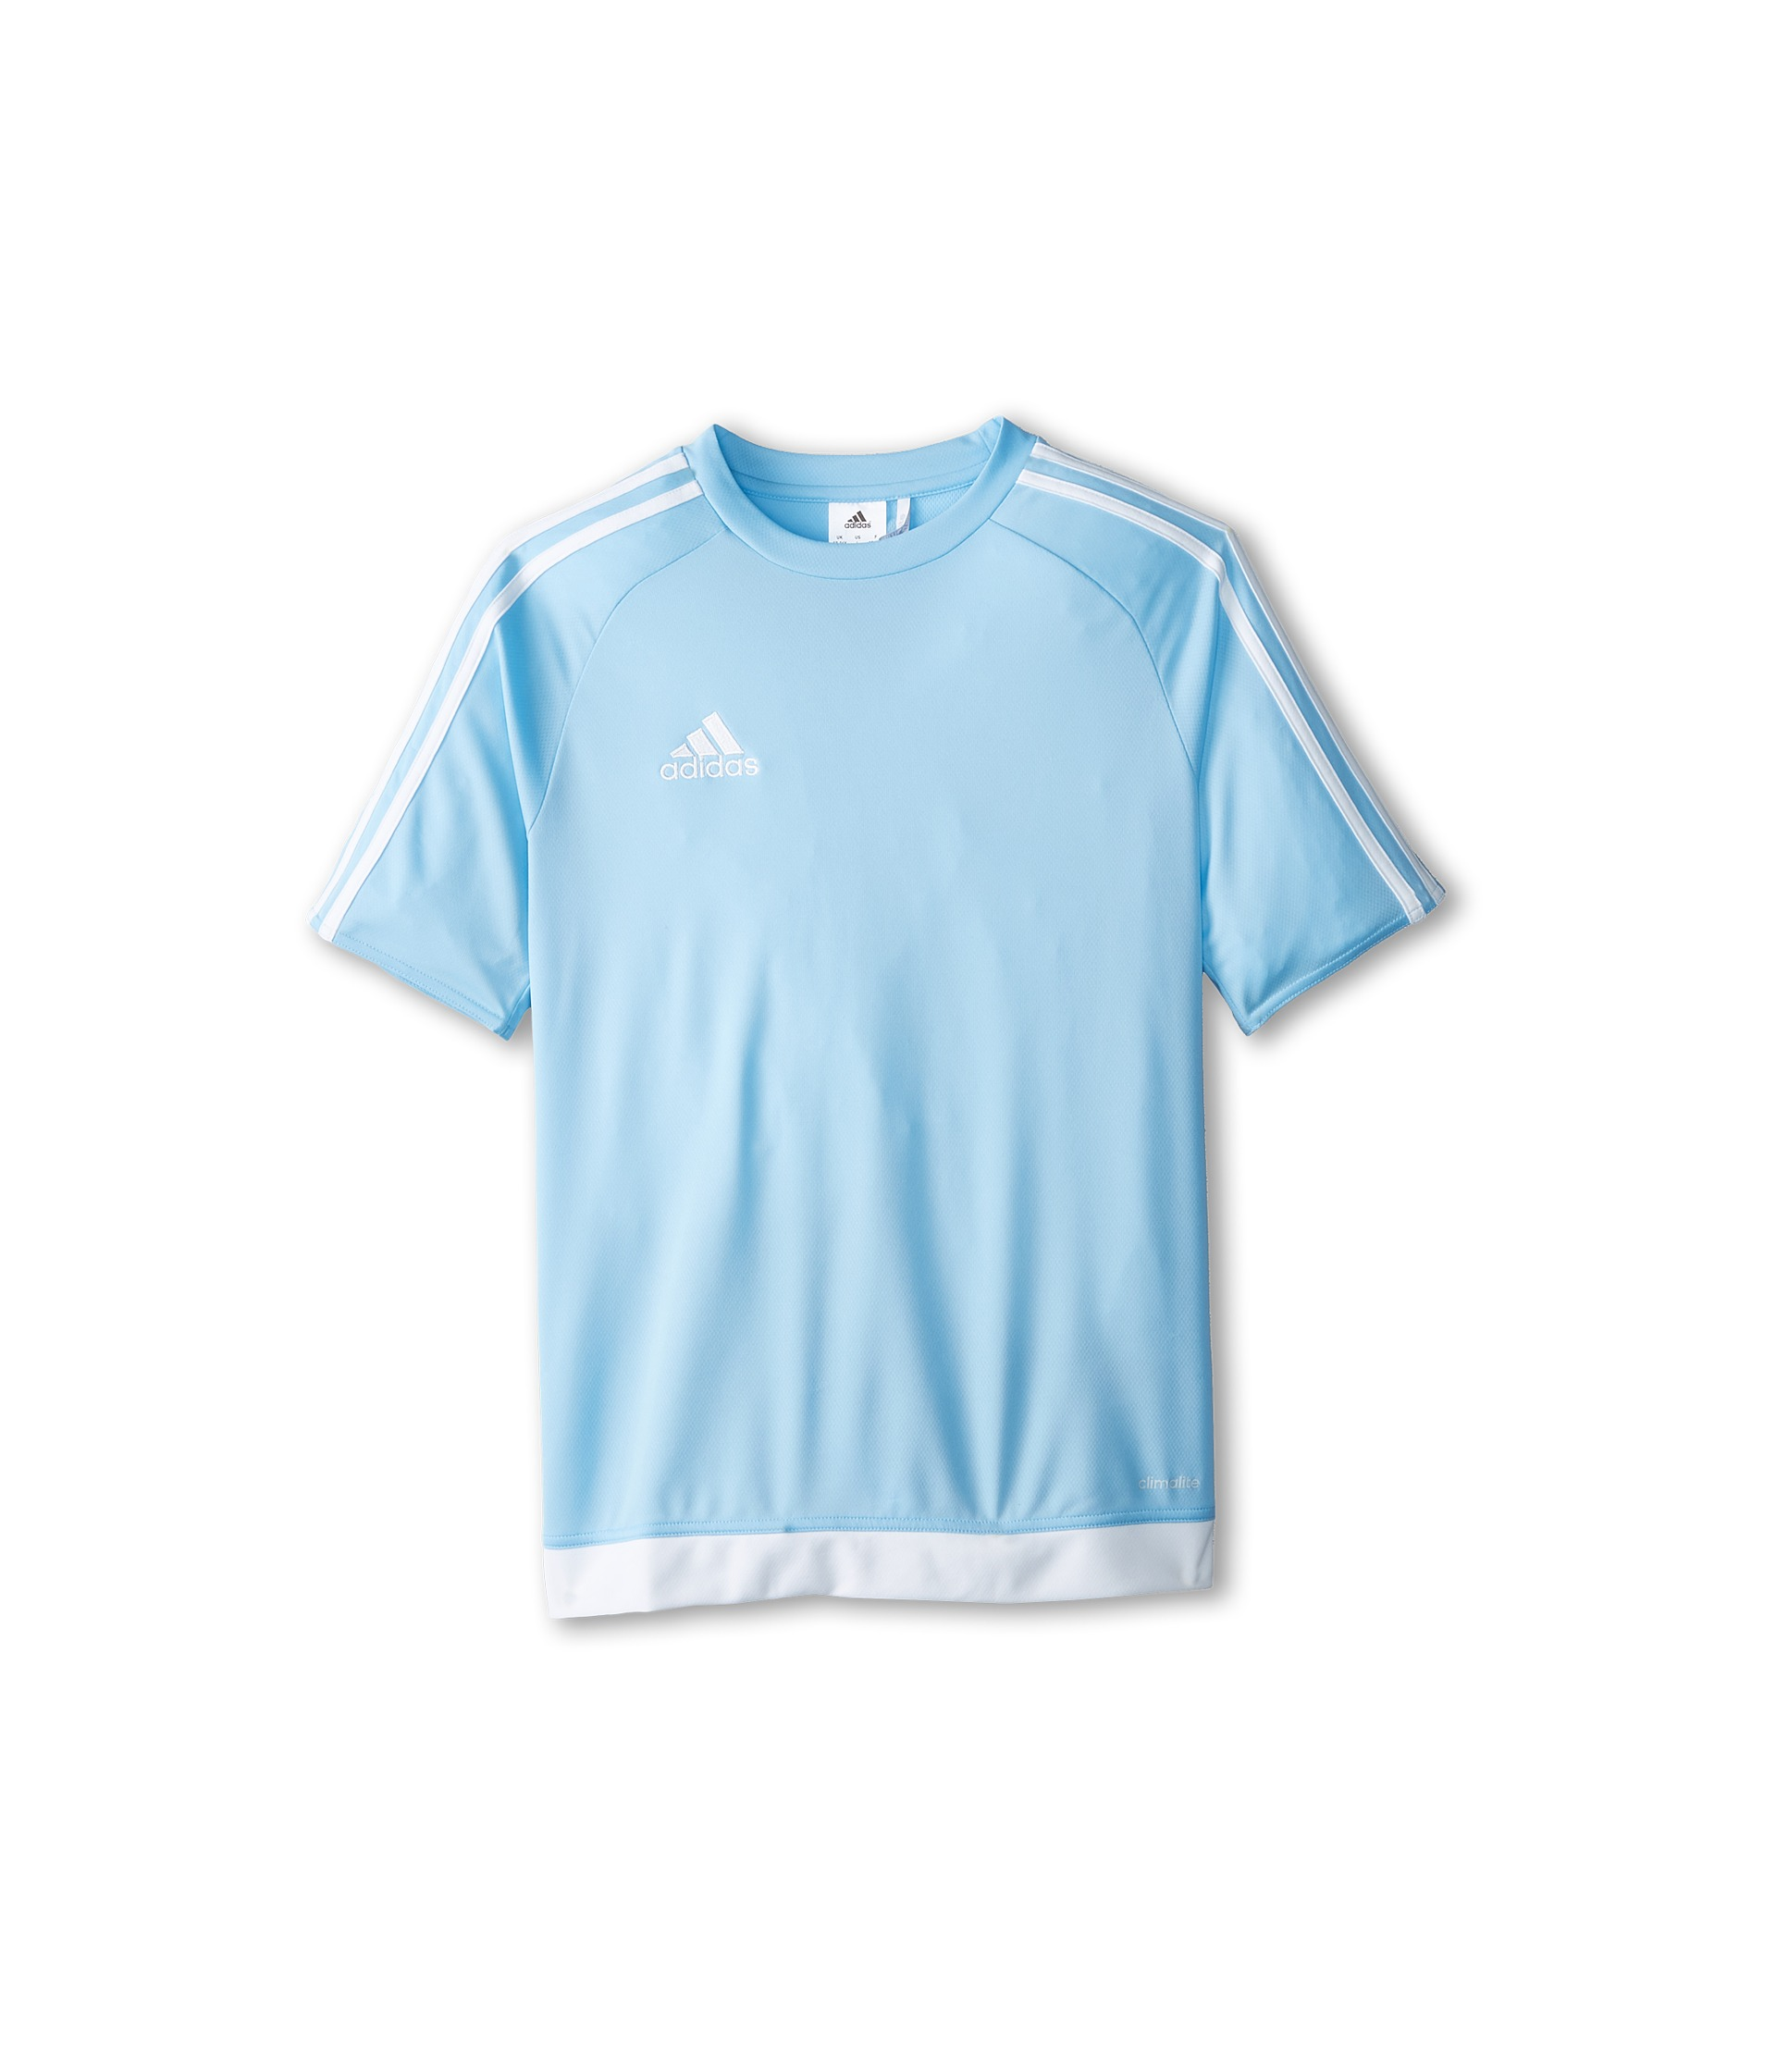 adidas Estro 15 occer Uniform - TheTeamFactory.com